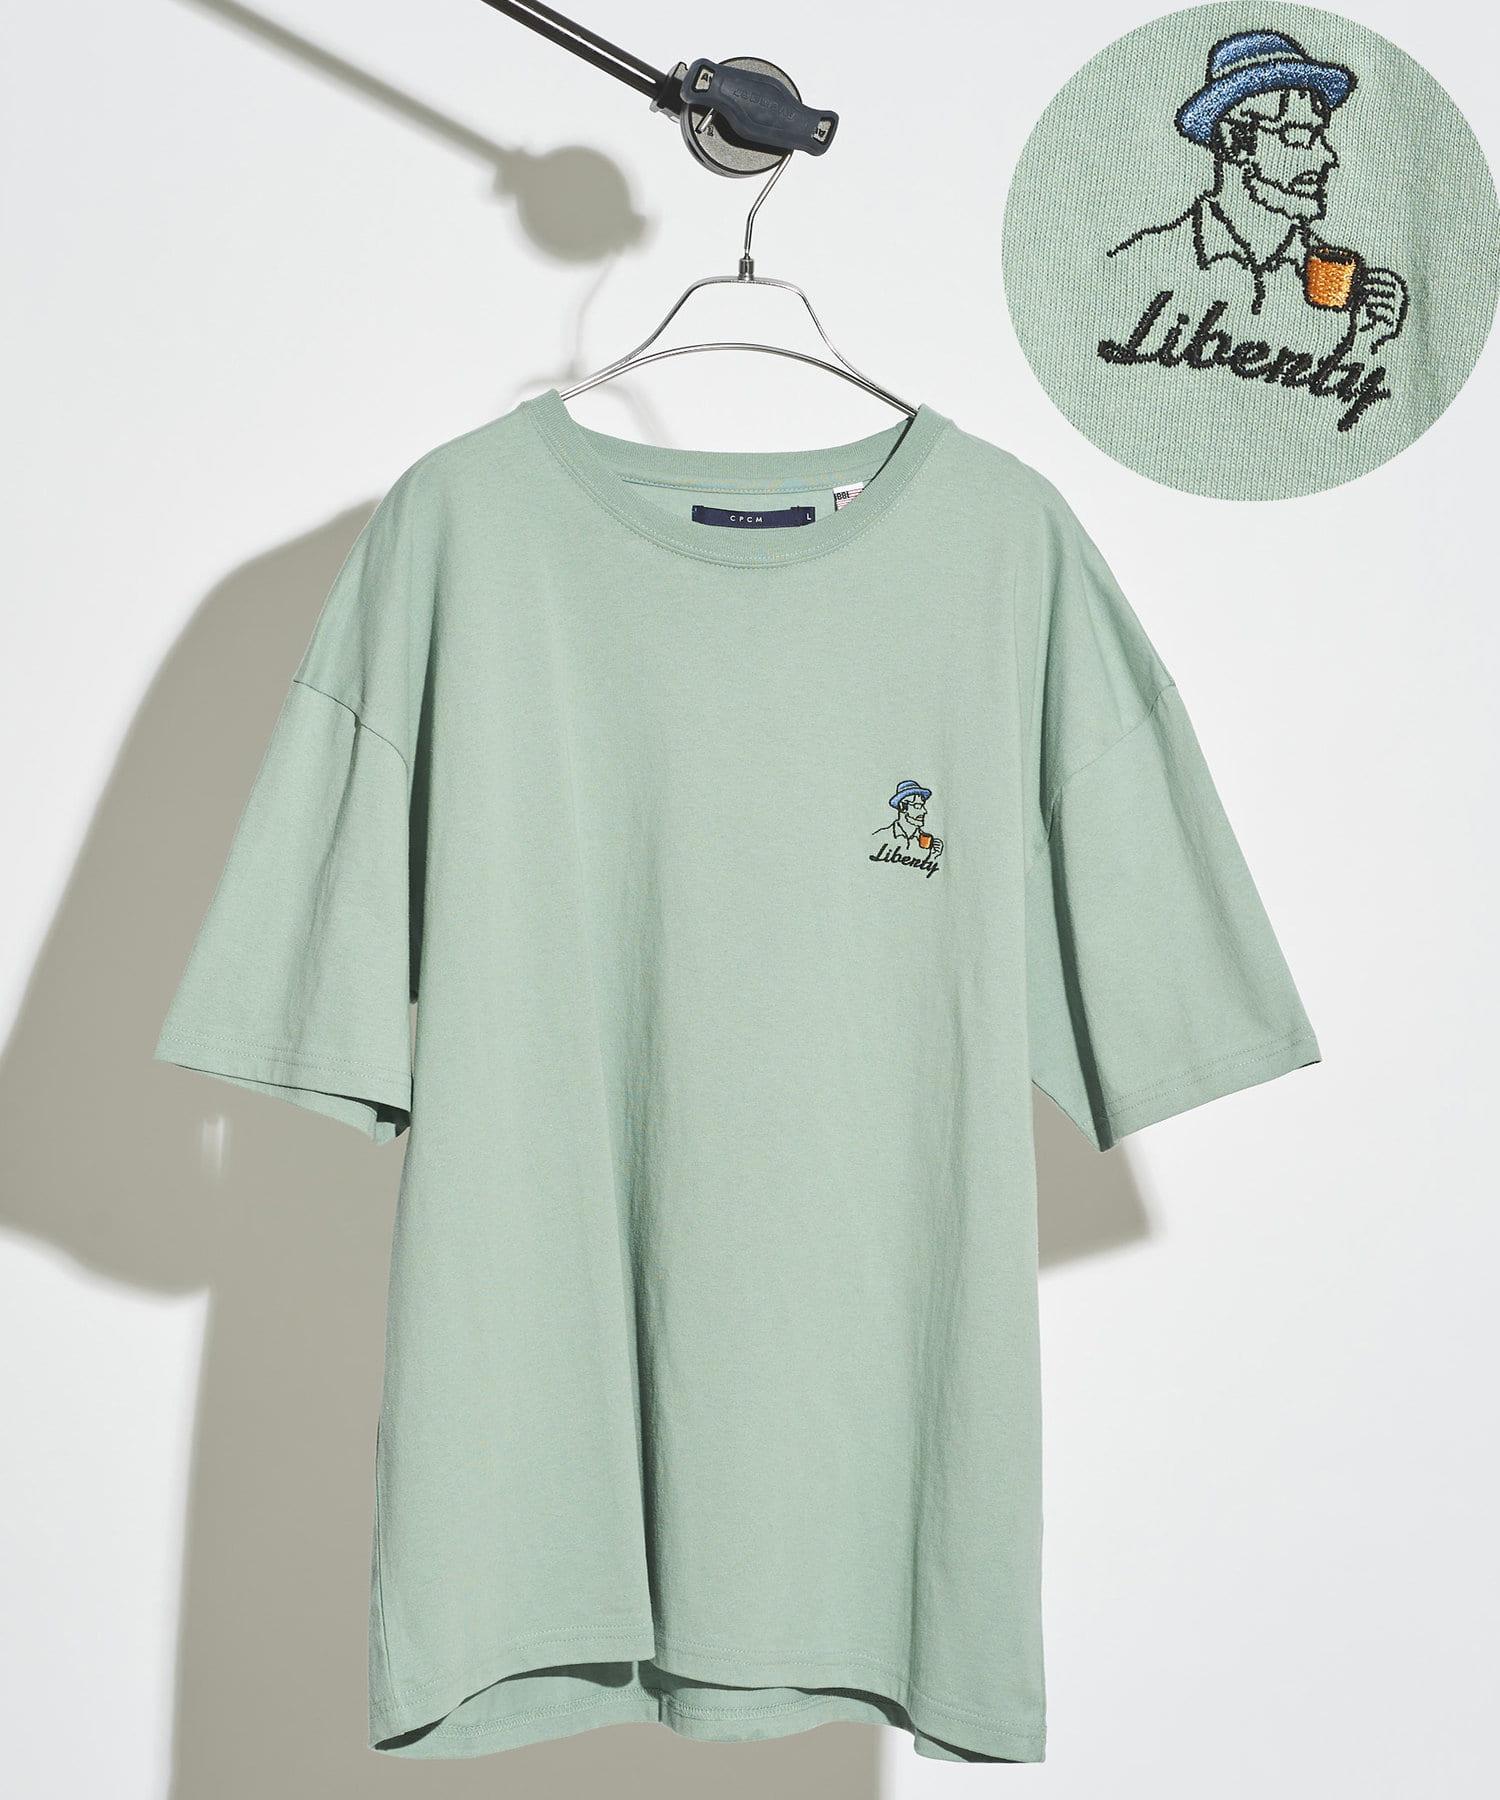 CPCM(シーピーシーエム) 【ユニセックスでおすすめ】1ポイント刺繍T